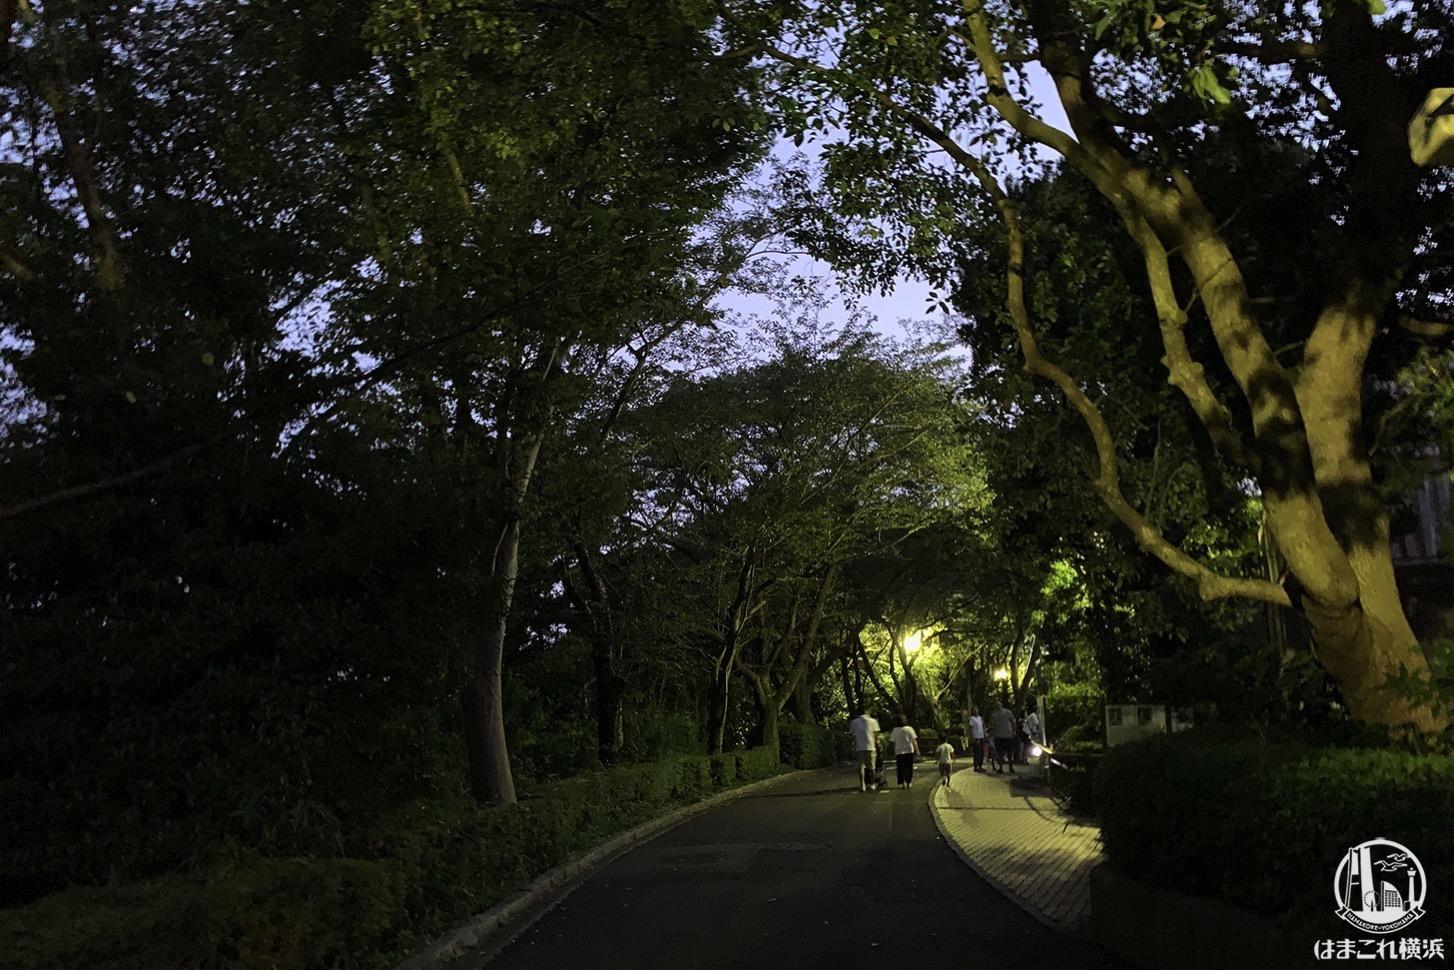 金沢動物園 夕方の雰囲気